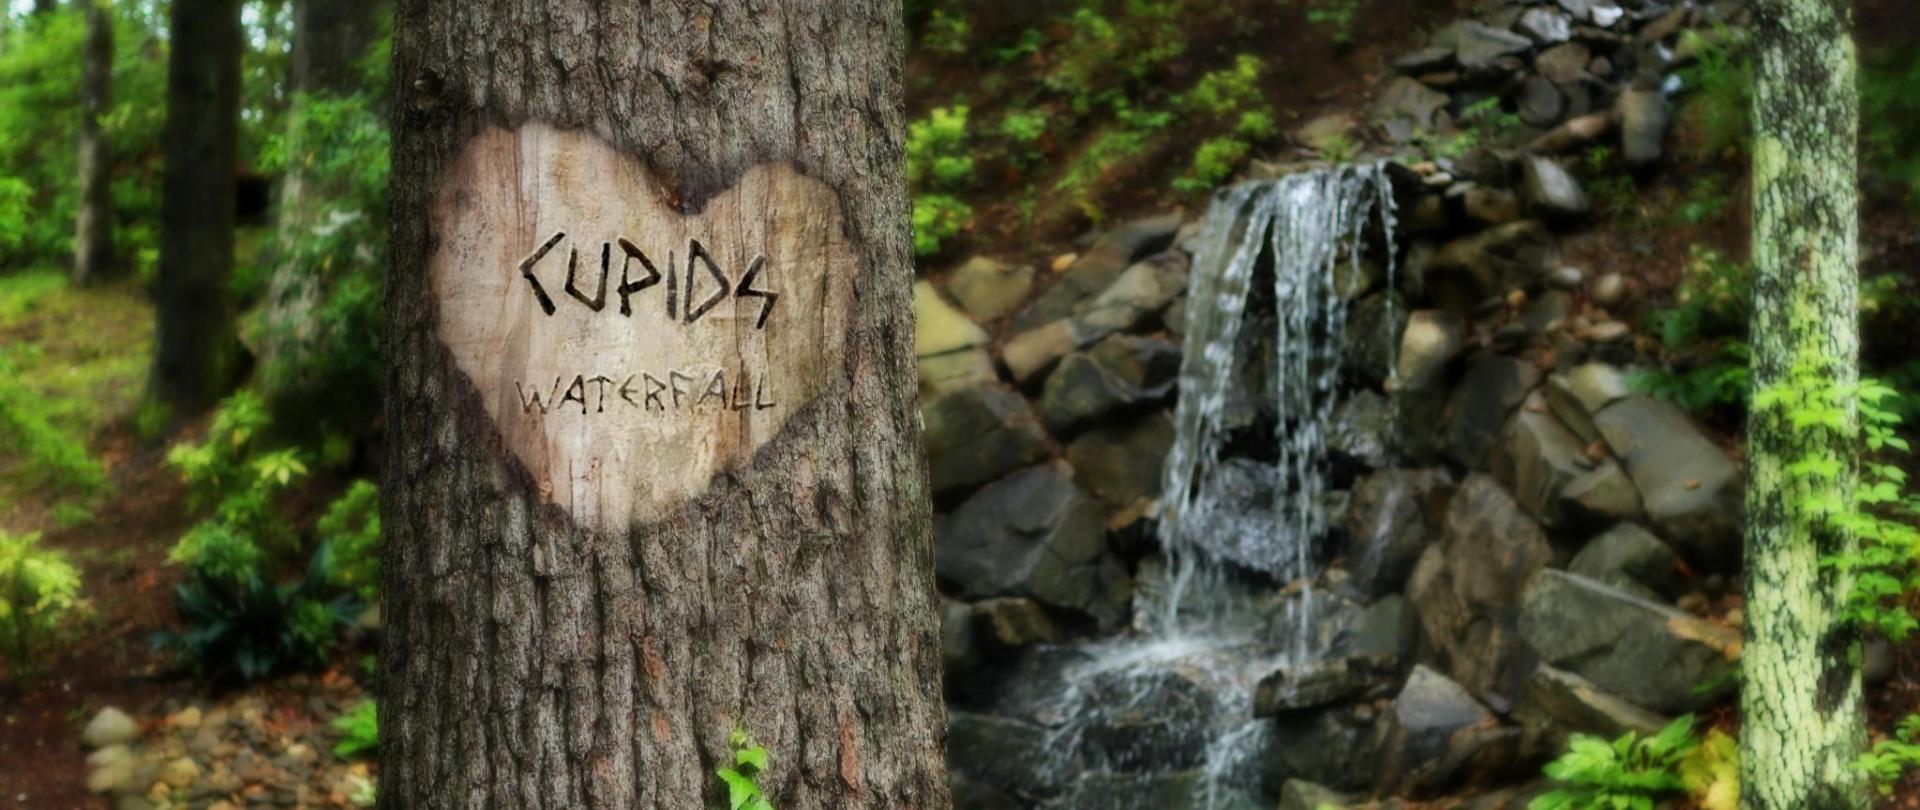 Cupids Waterfall Carved in Tree.jpg